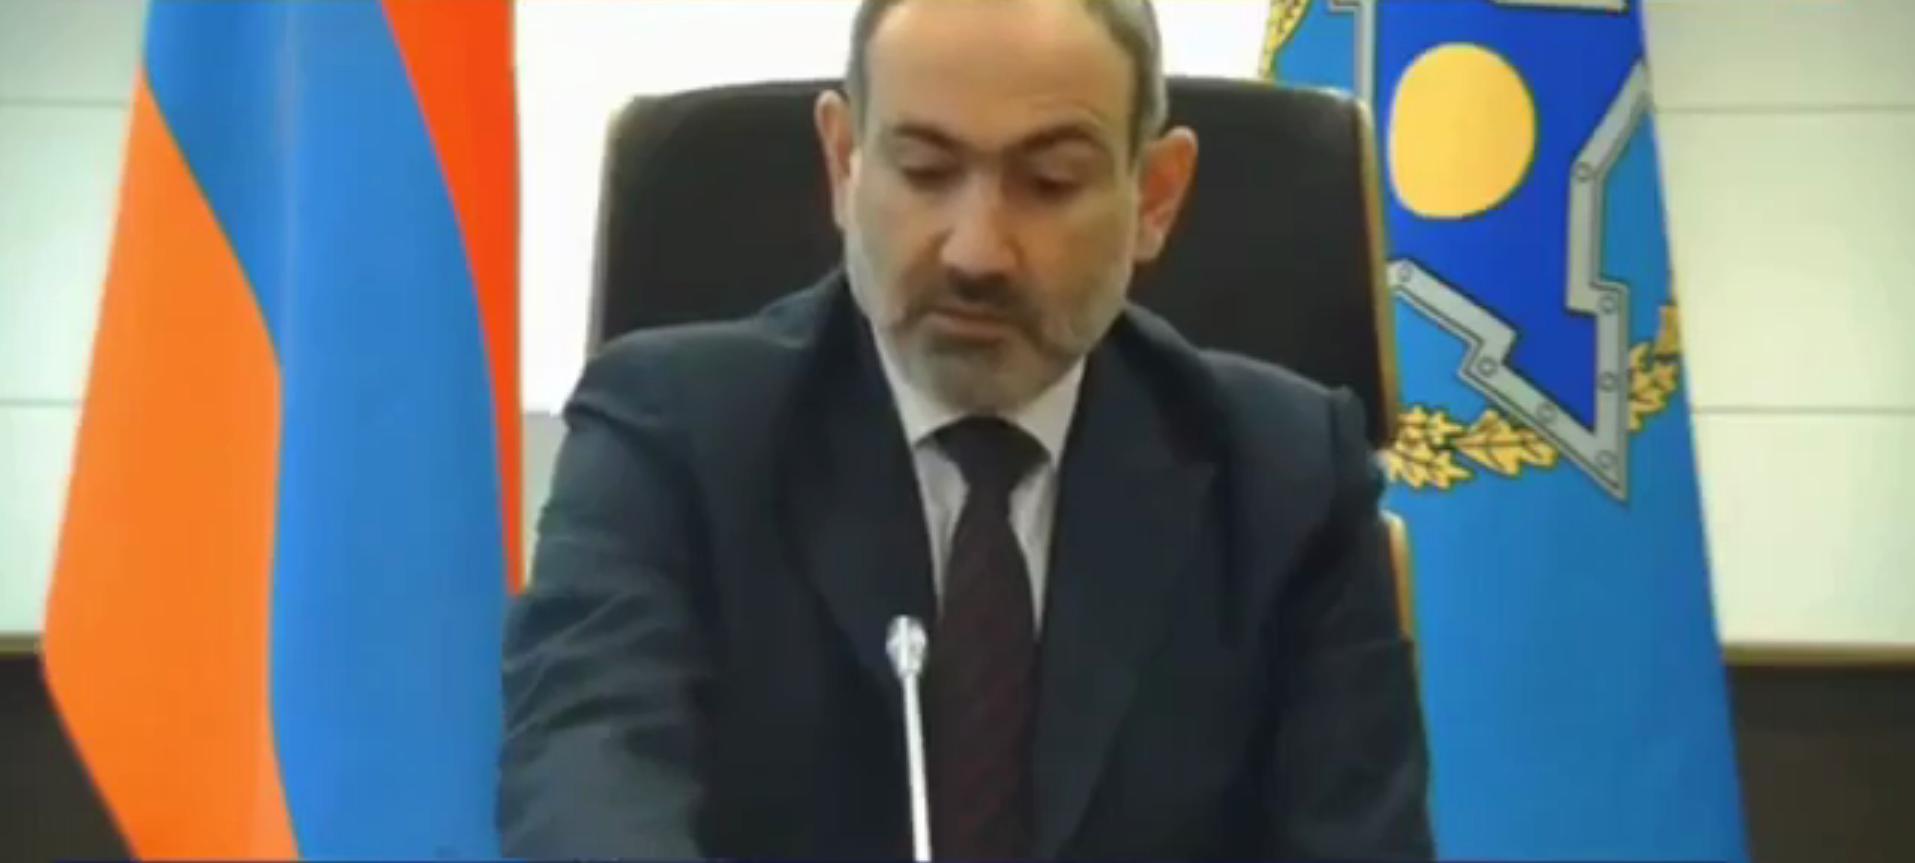 На саммите ОДКБ у Пашиняна внезапно отключился микрофон на неоднозначной фразе: видео попало в Сеть